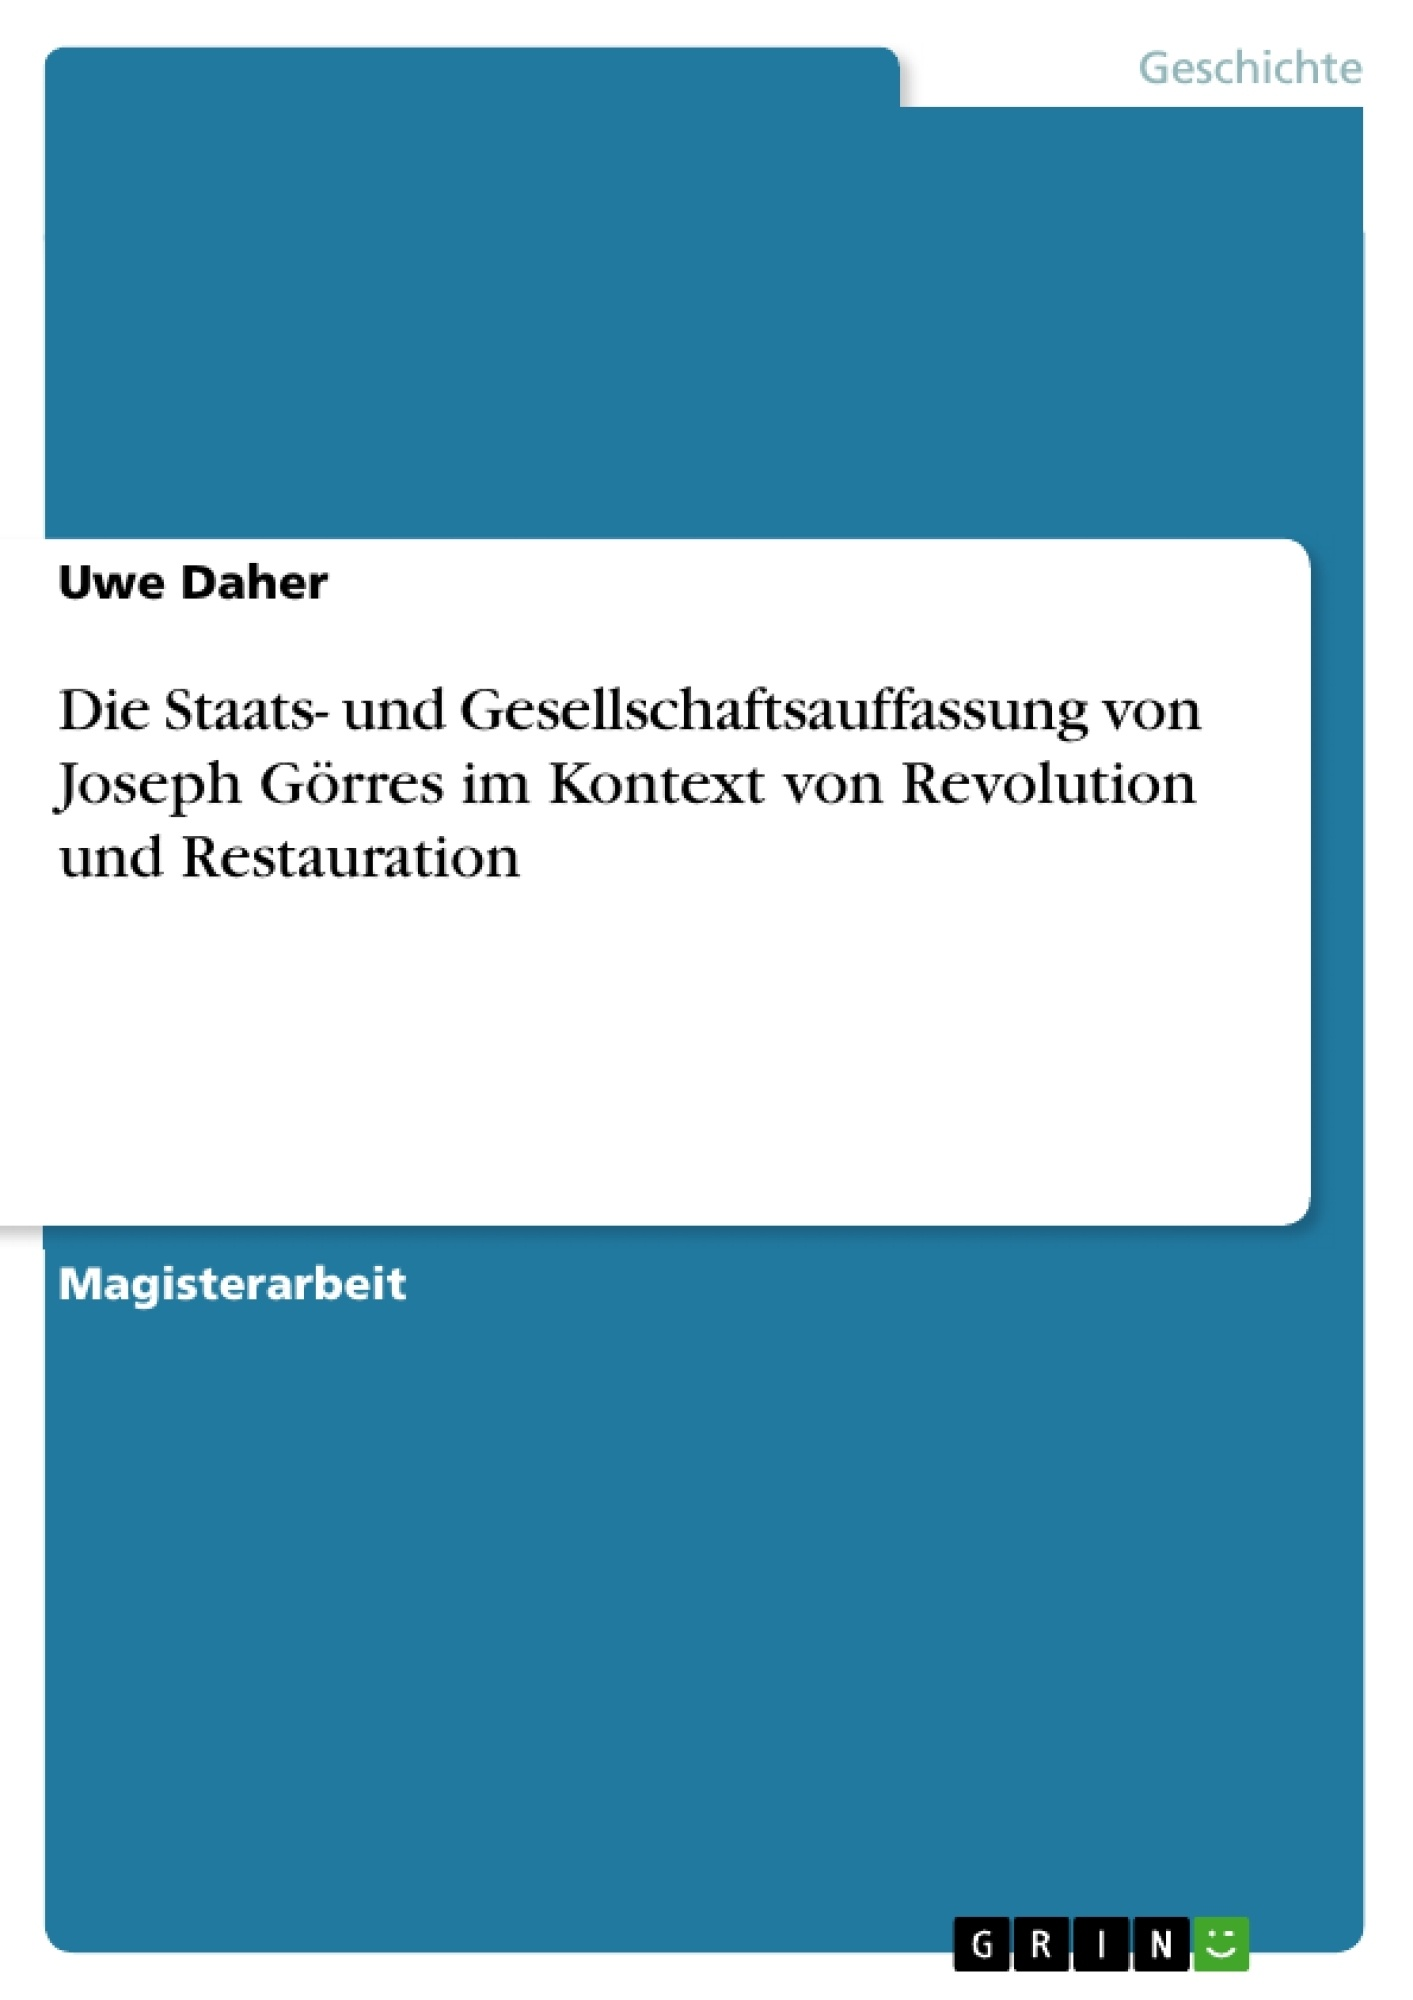 Titel: Die Staats- und Gesellschaftsauffassung von Joseph Görres im Kontext von Revolution und Restauration